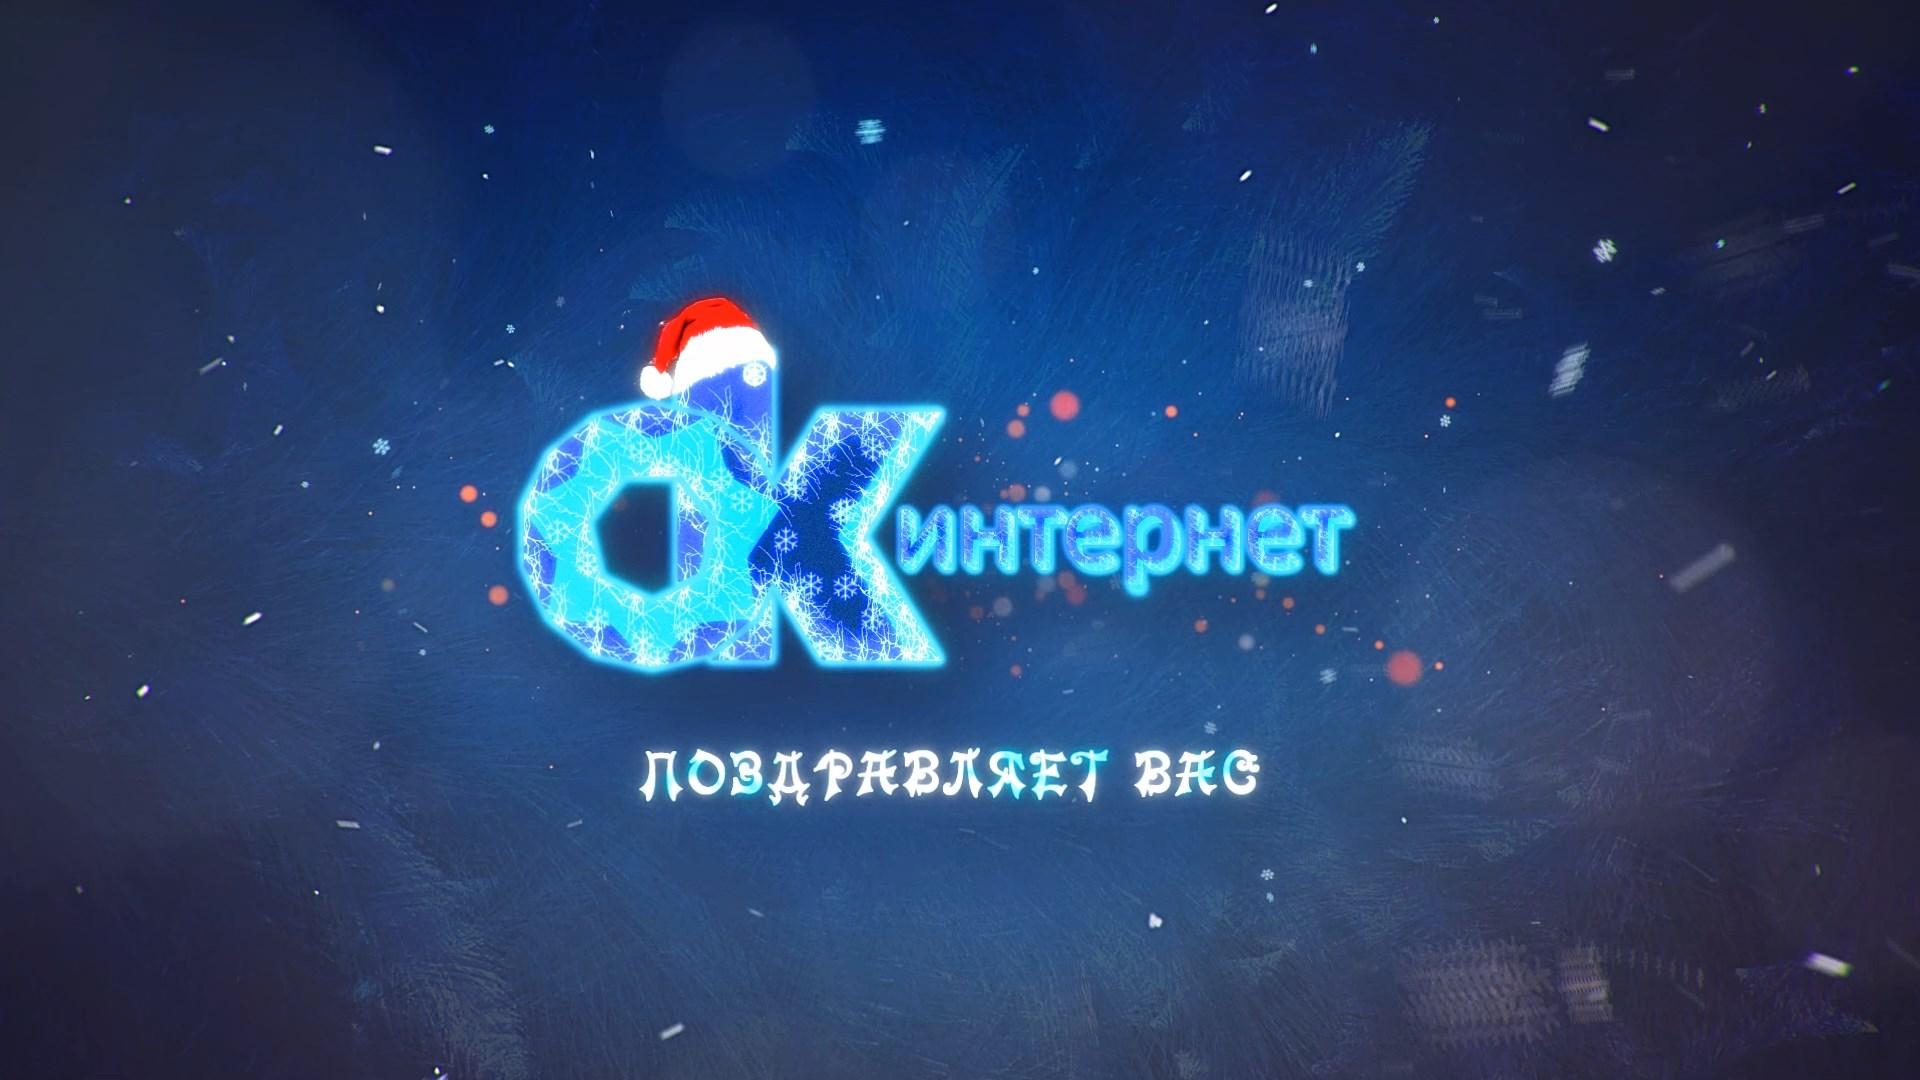 С Новым 2019 Годом уважаемые пользователи!